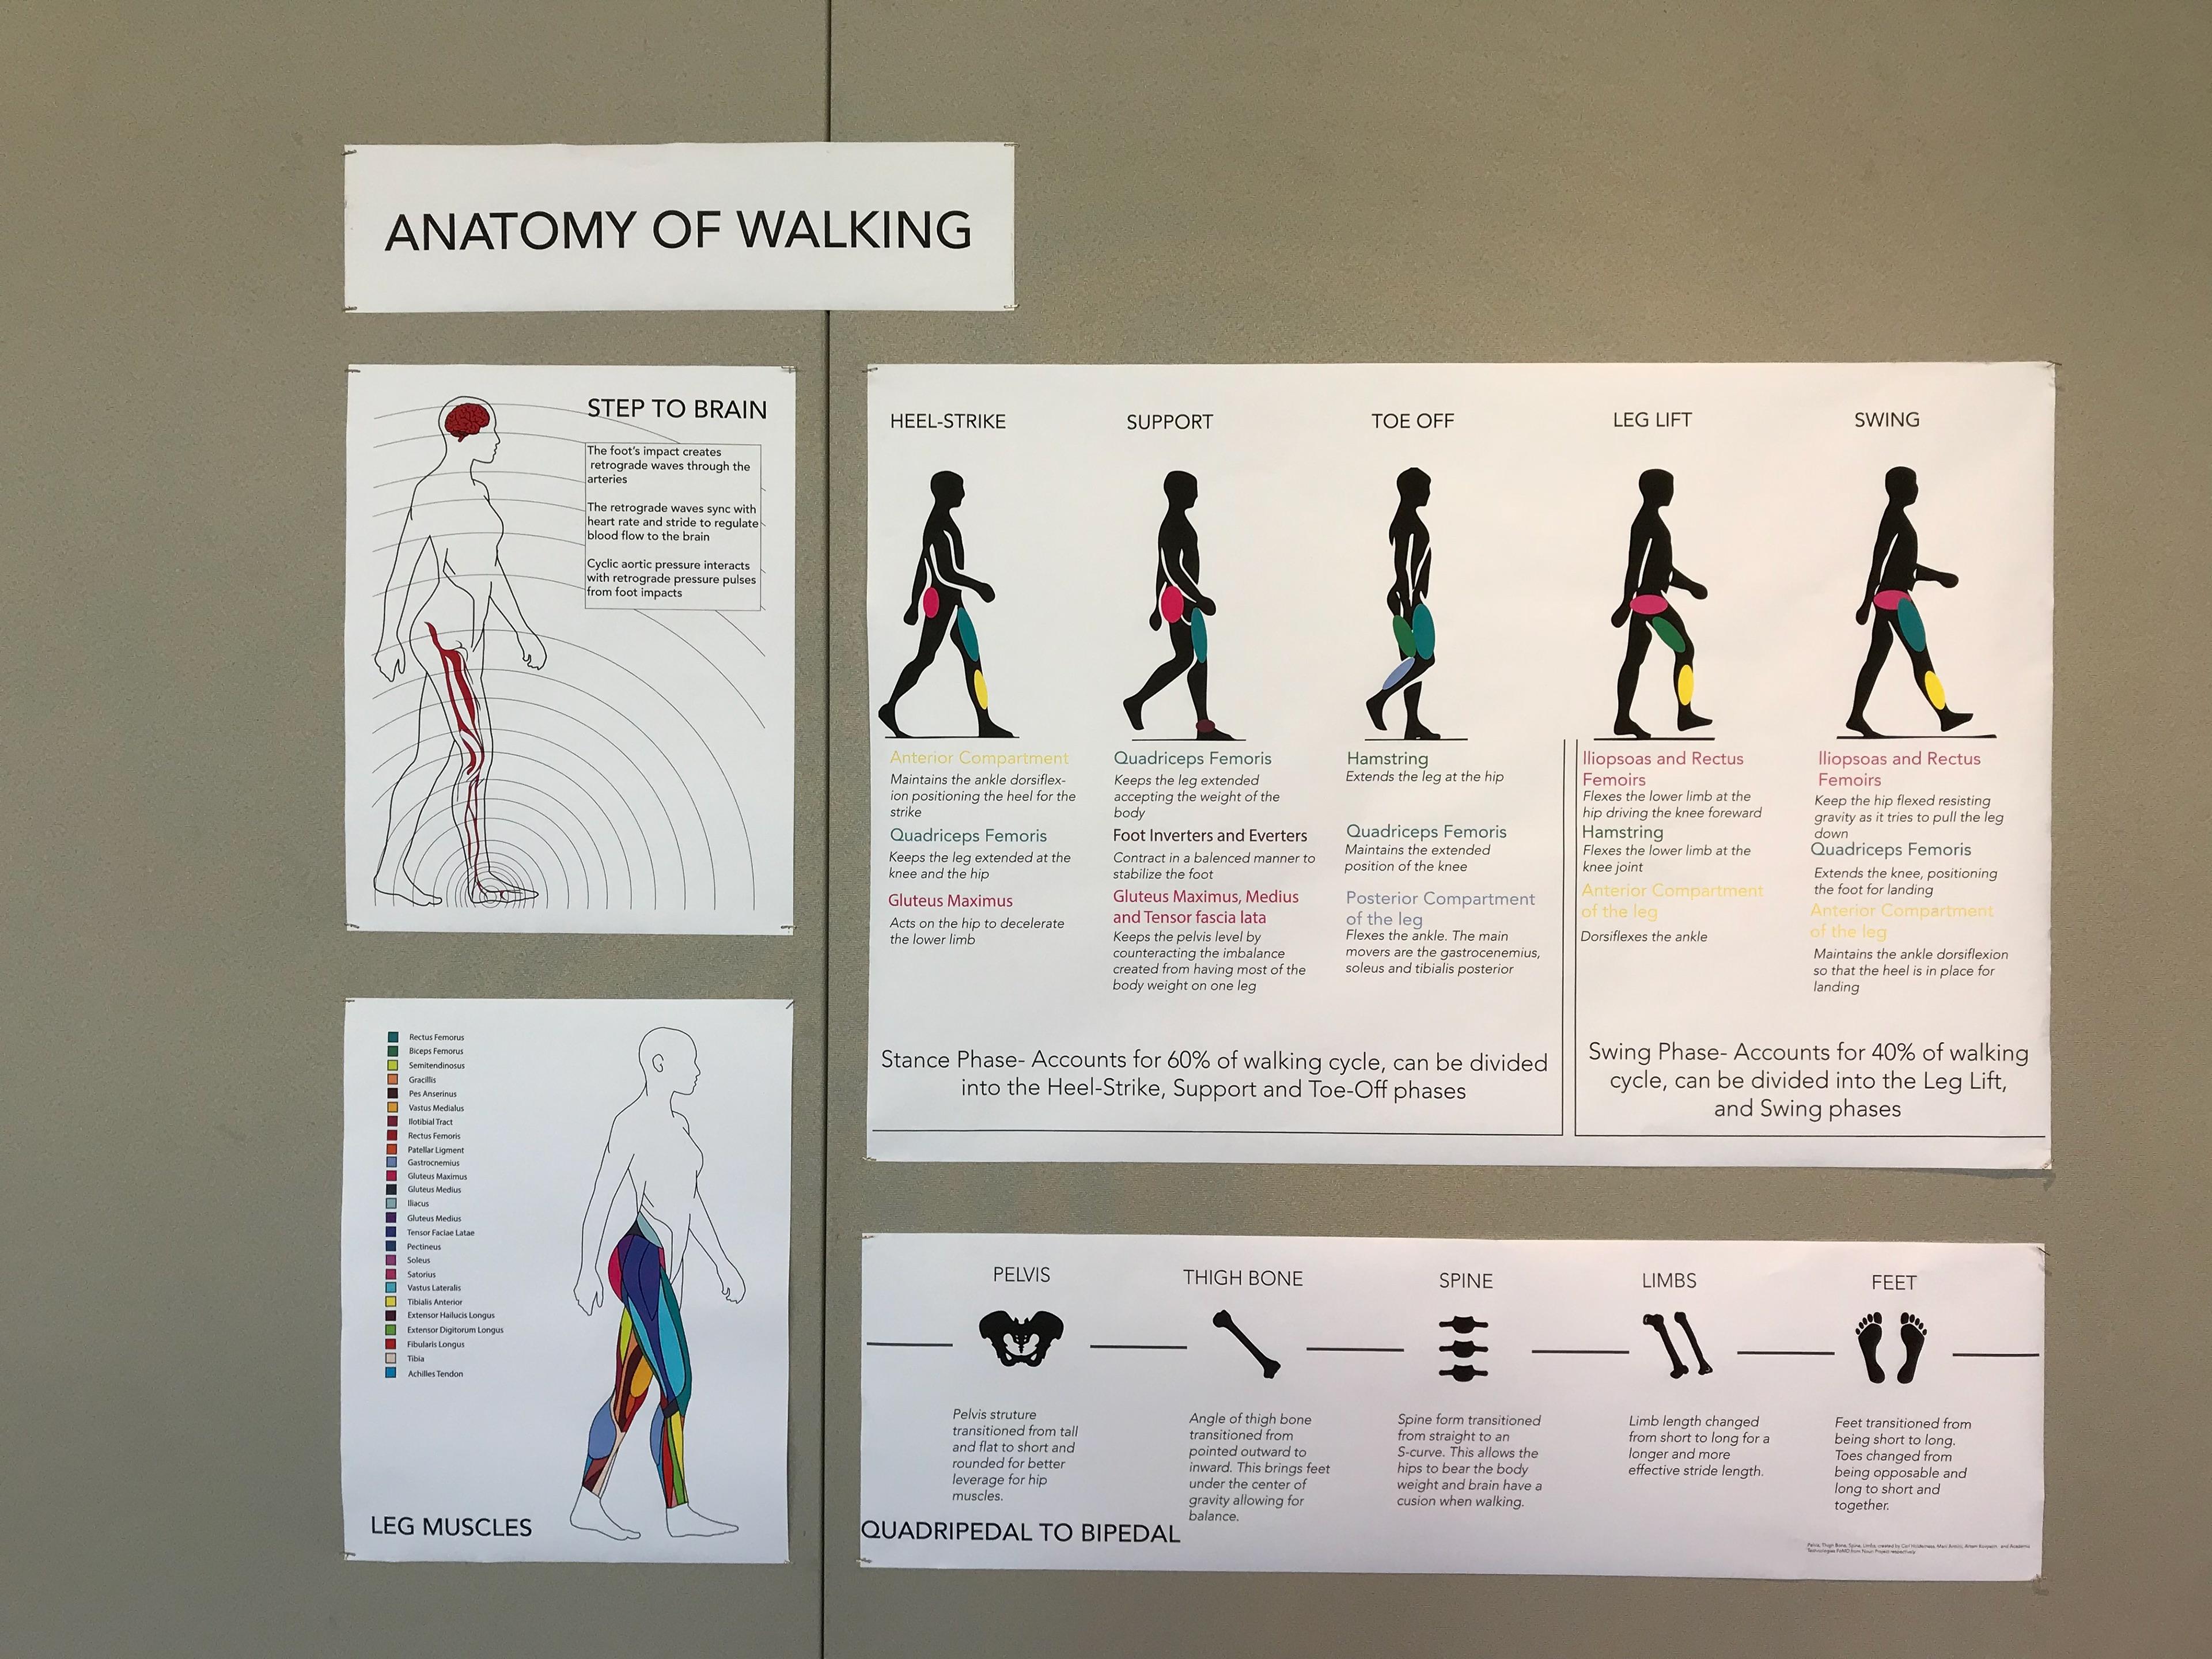 ANATOMY OF WALKING on Behance